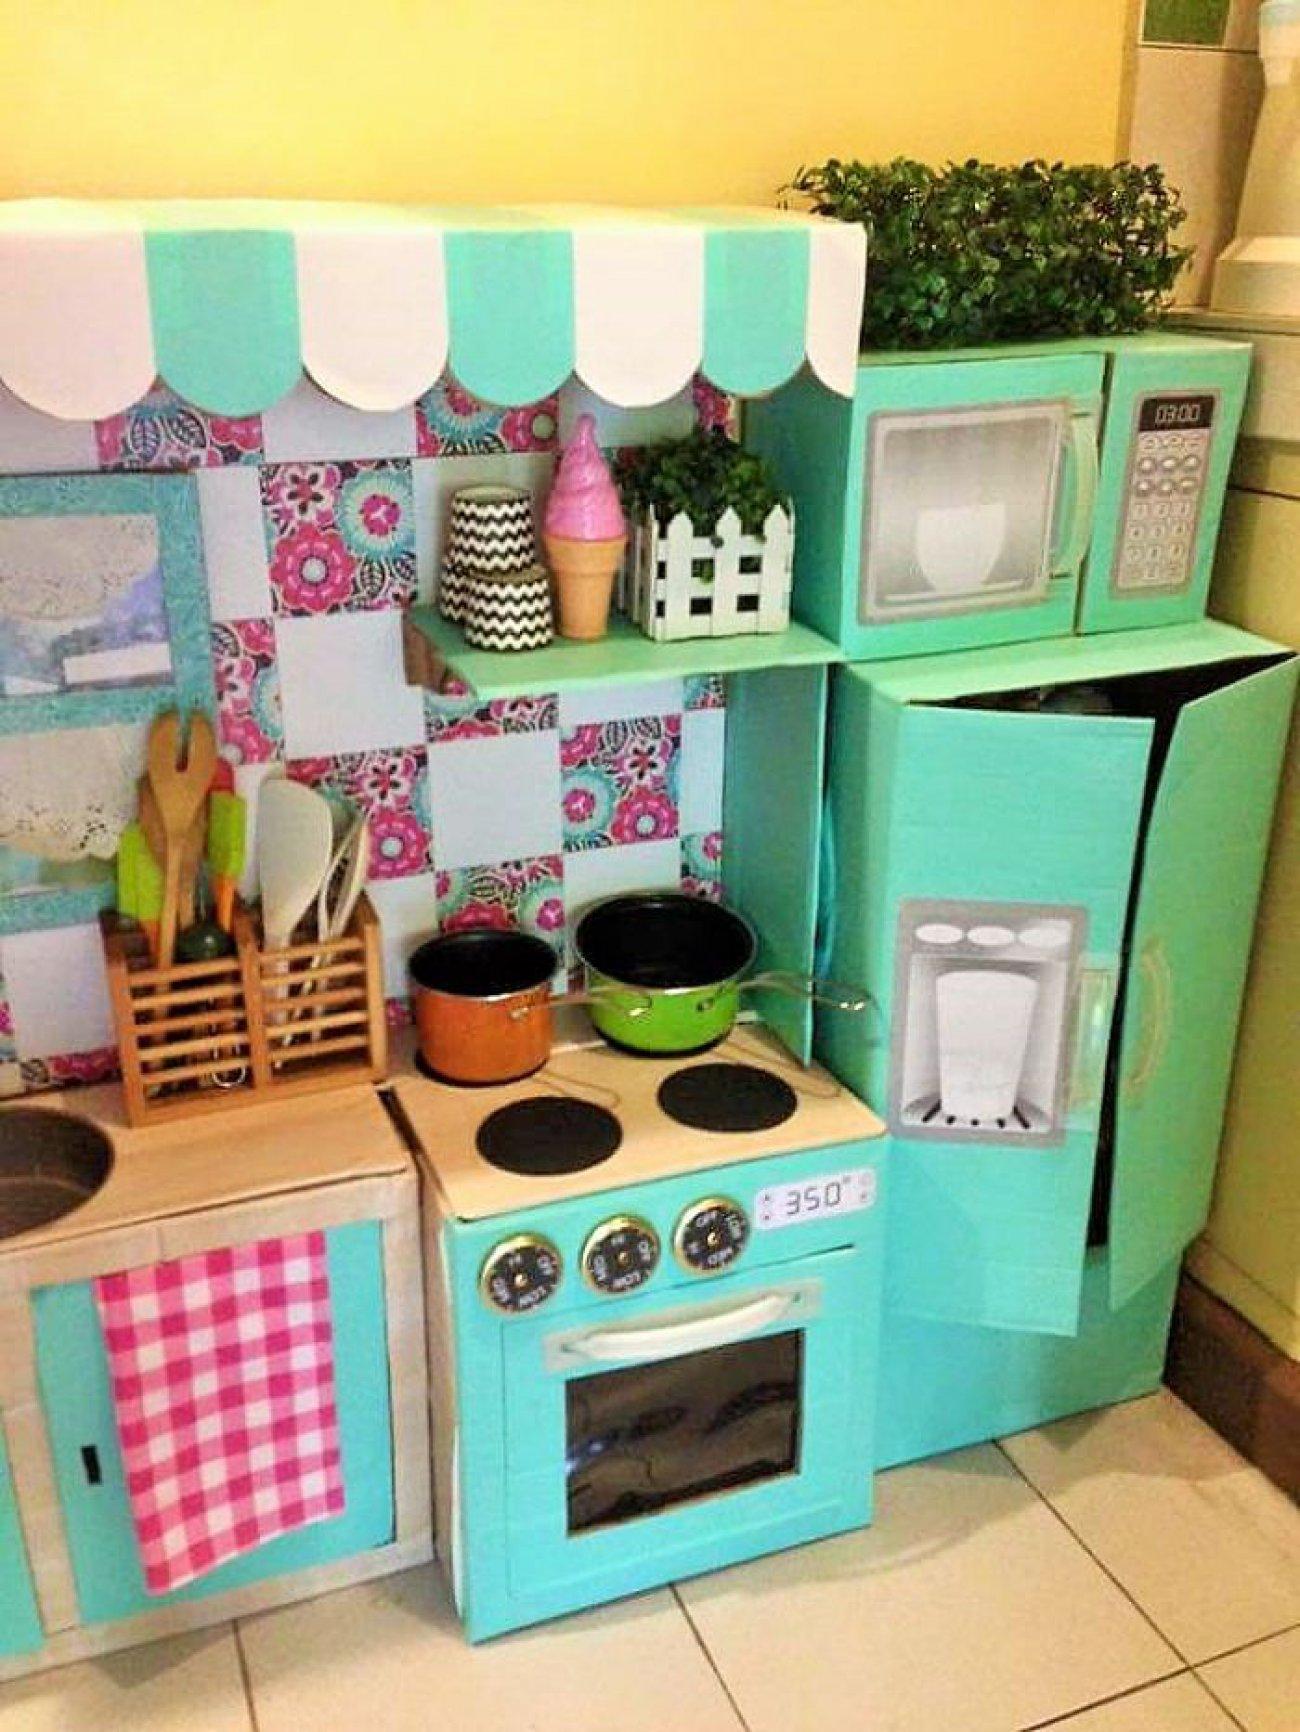 Mam cre una mini cocina con cajas de cart n recicladas for Material cocina